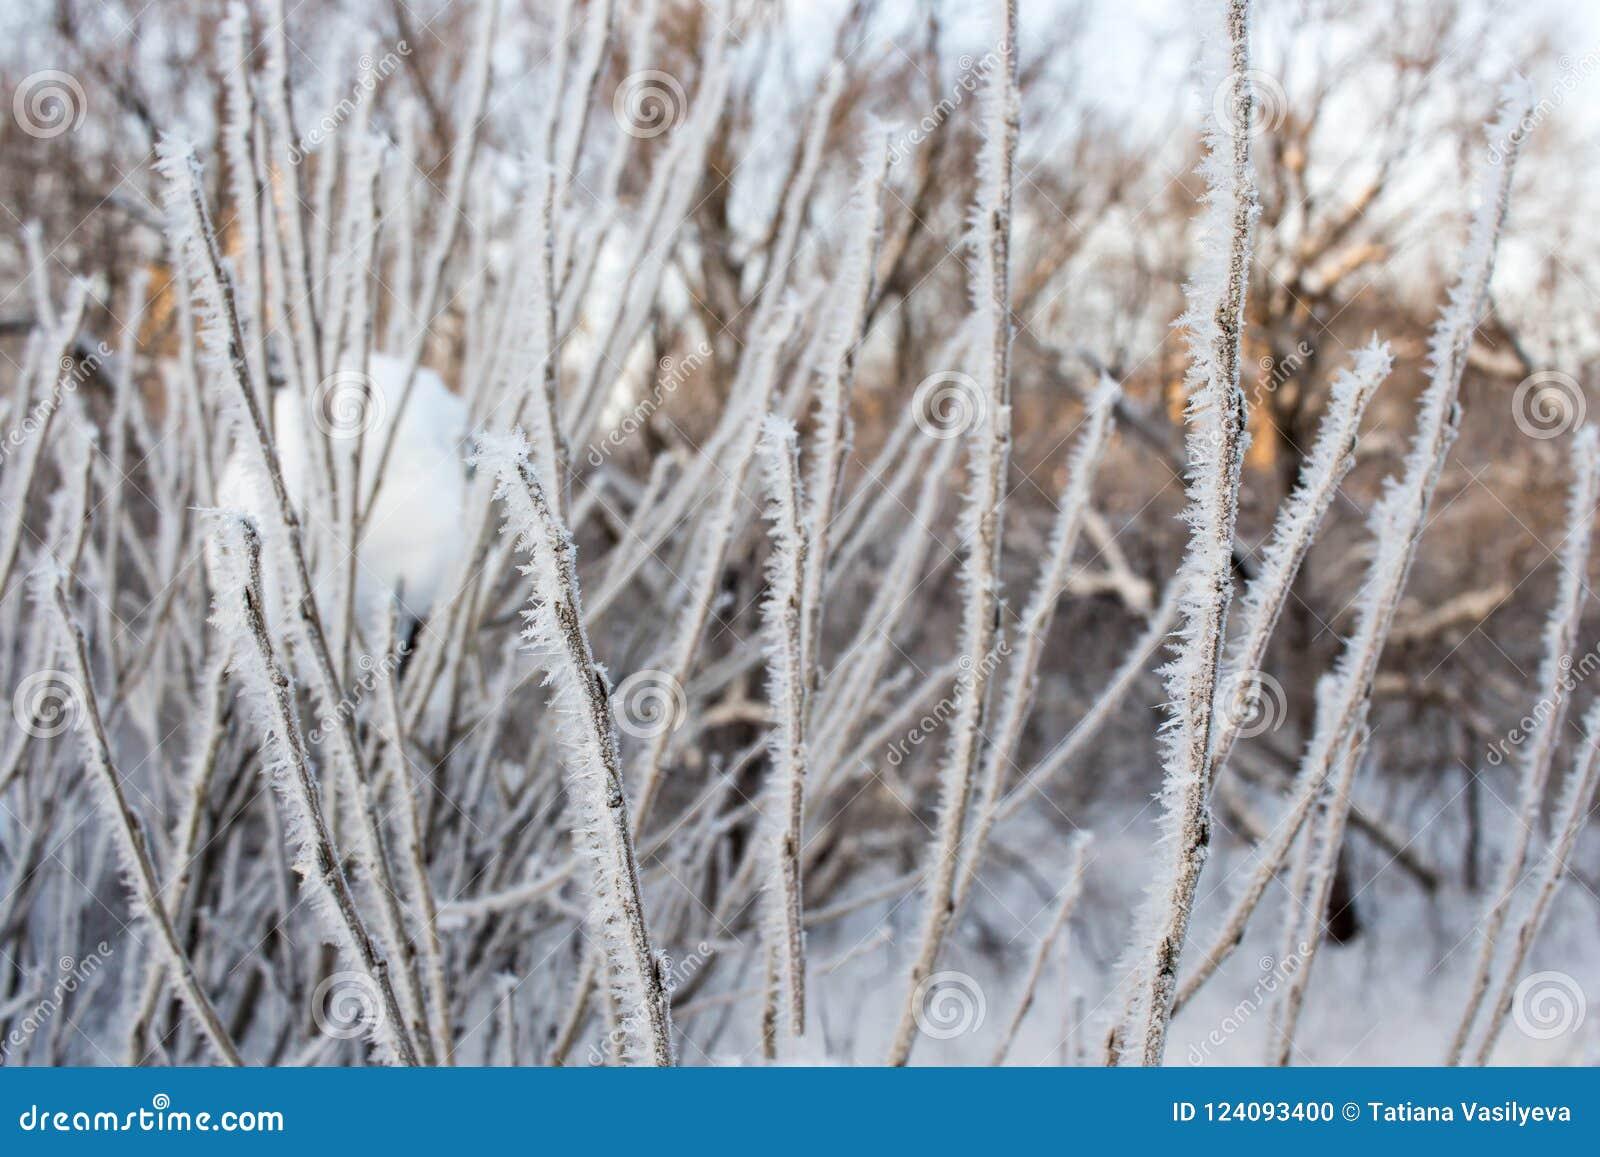 Krystalizujący czarodziejski drzewo Wintr tło